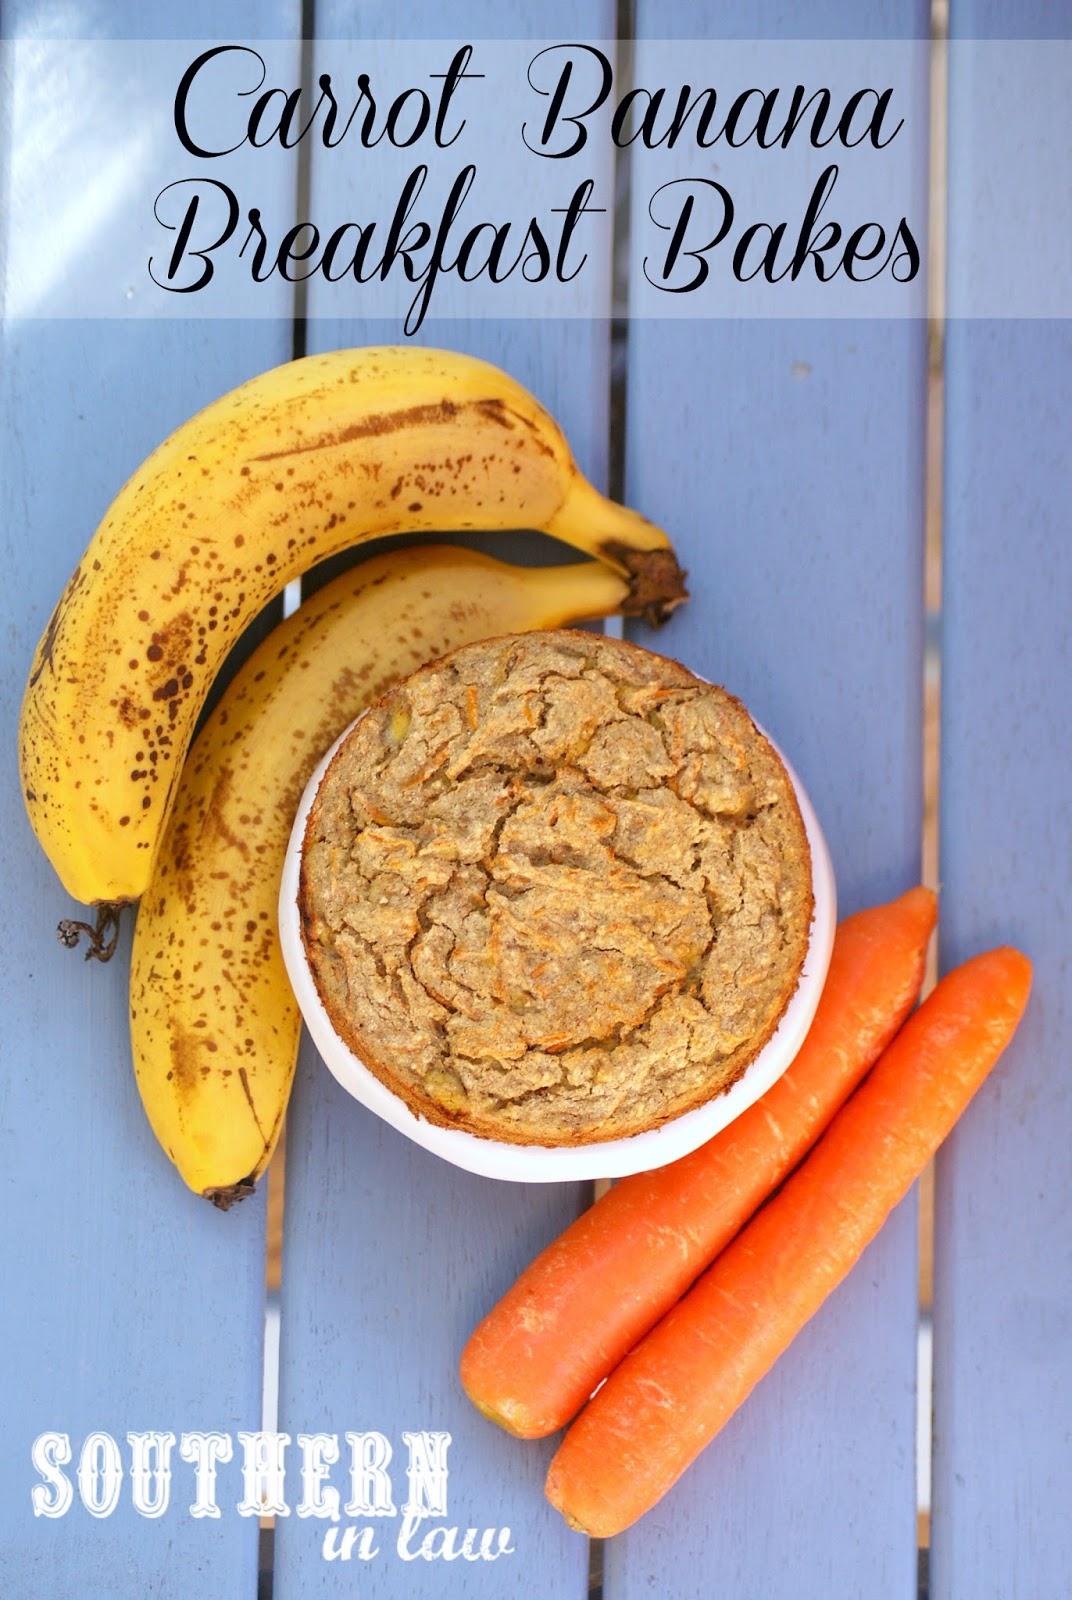 Carrot Banana Breakfast Bakes makes 5 breakfast bakes or ~10 muffins